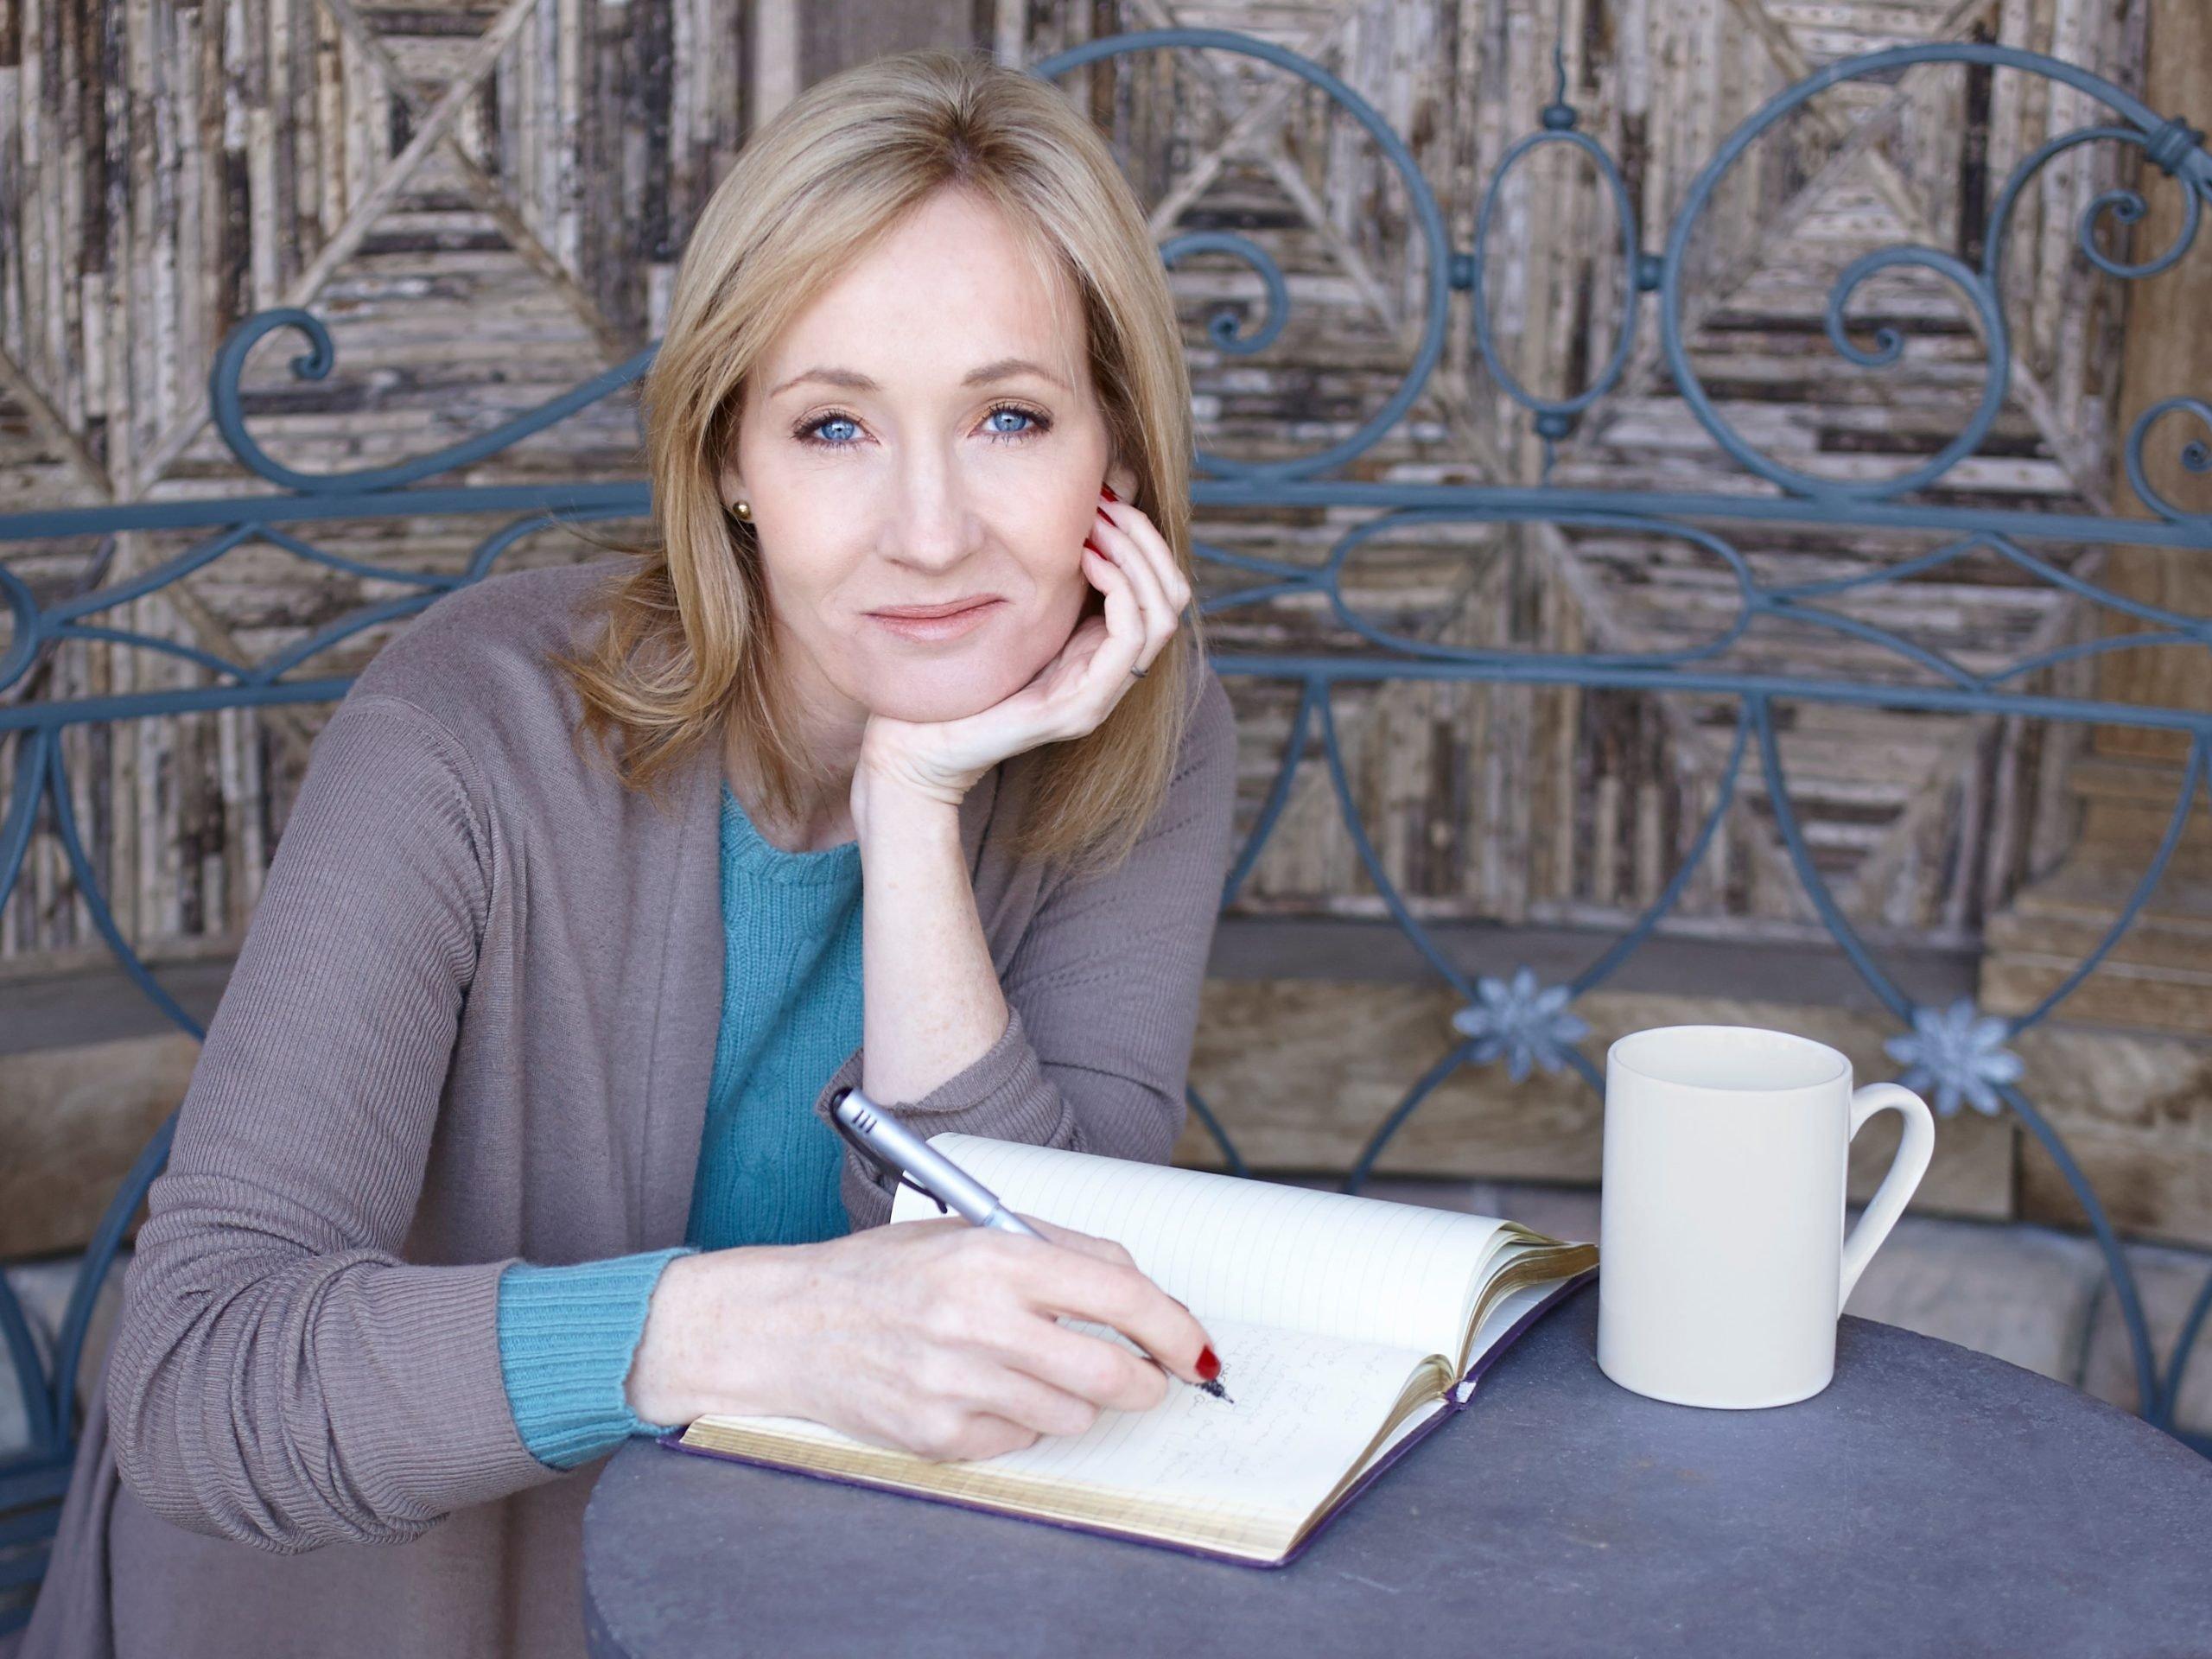 What Else Has J.K. Rowling Written Besides Harry Potter? | Den of Geek